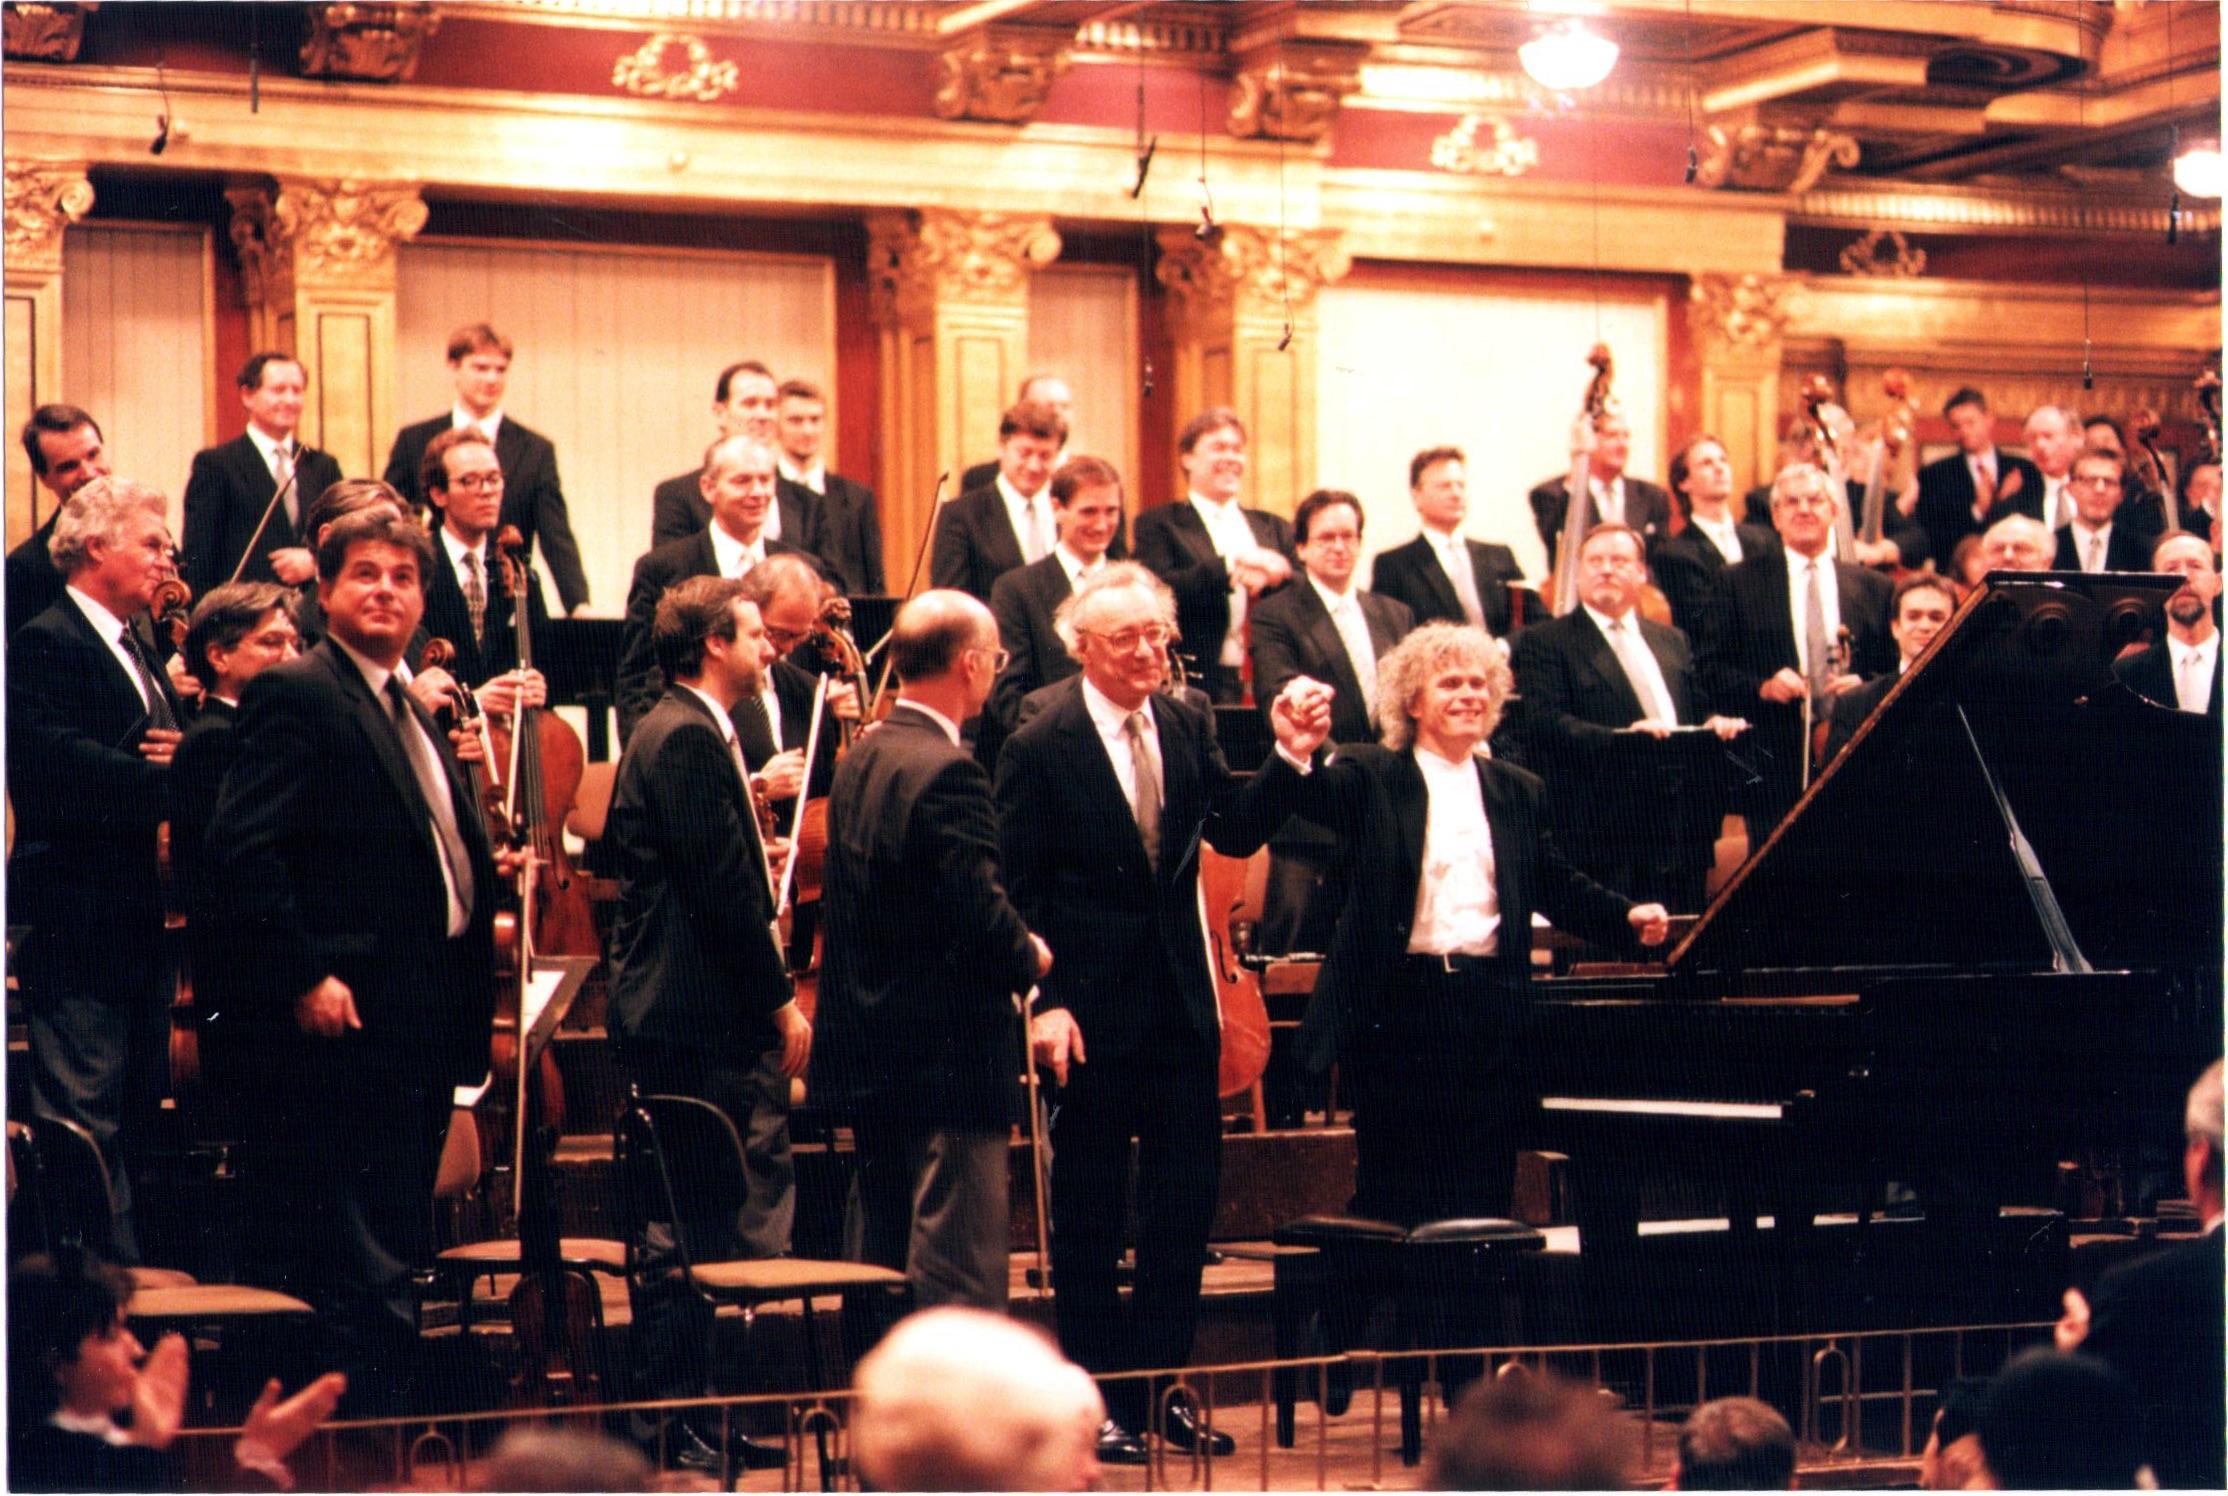 Rattle, Brendel und die Wiener Philharmoniker beim Abschiedskonzert für Brendel